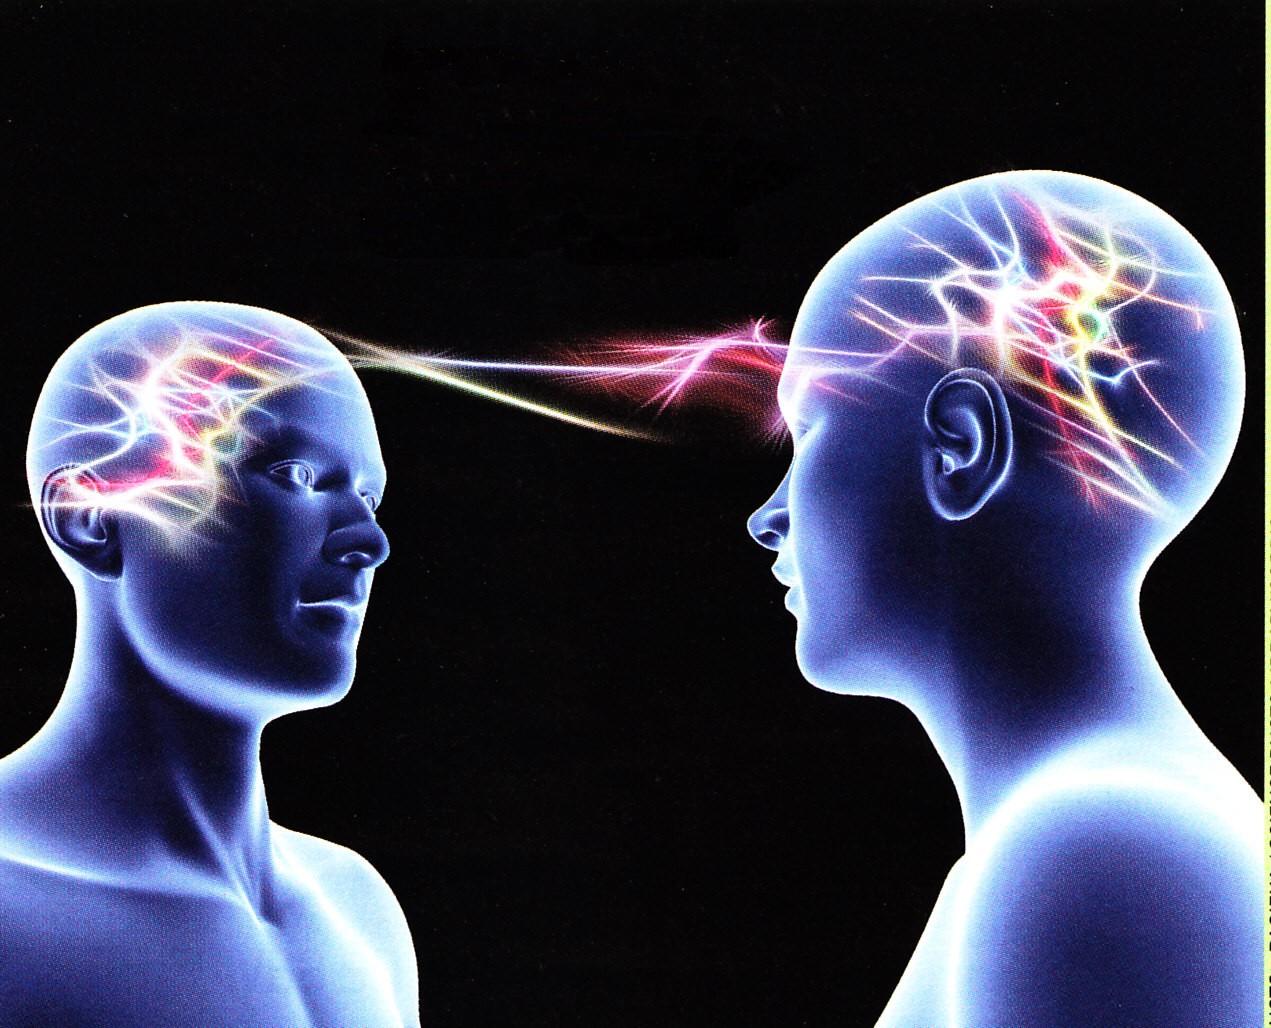 Les neurones miroirs michel sutter for Neurone miroir autisme